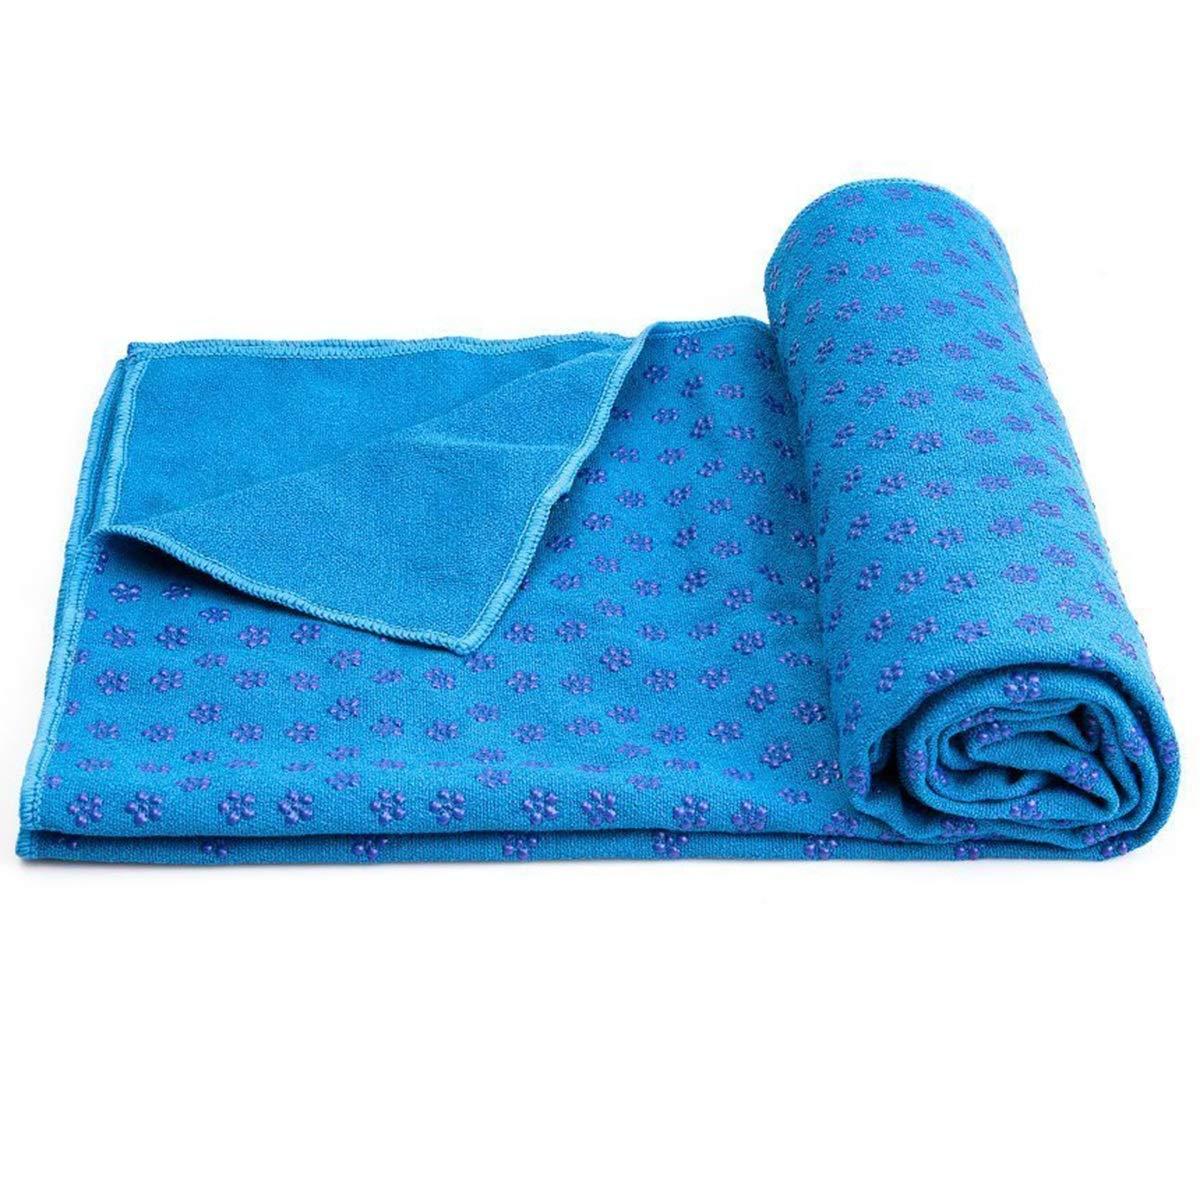 Yinroom Rutschfeste Yoga-Handtuch-Matte Handtuch , Mikrofaser Rutschfeste Yoga-Matte Abdeckung Handtü cher Schweiß absorbierendes und weiches Leichtgewicht 72 Zoll x 25 Zoll Grü n, Blau, Lila